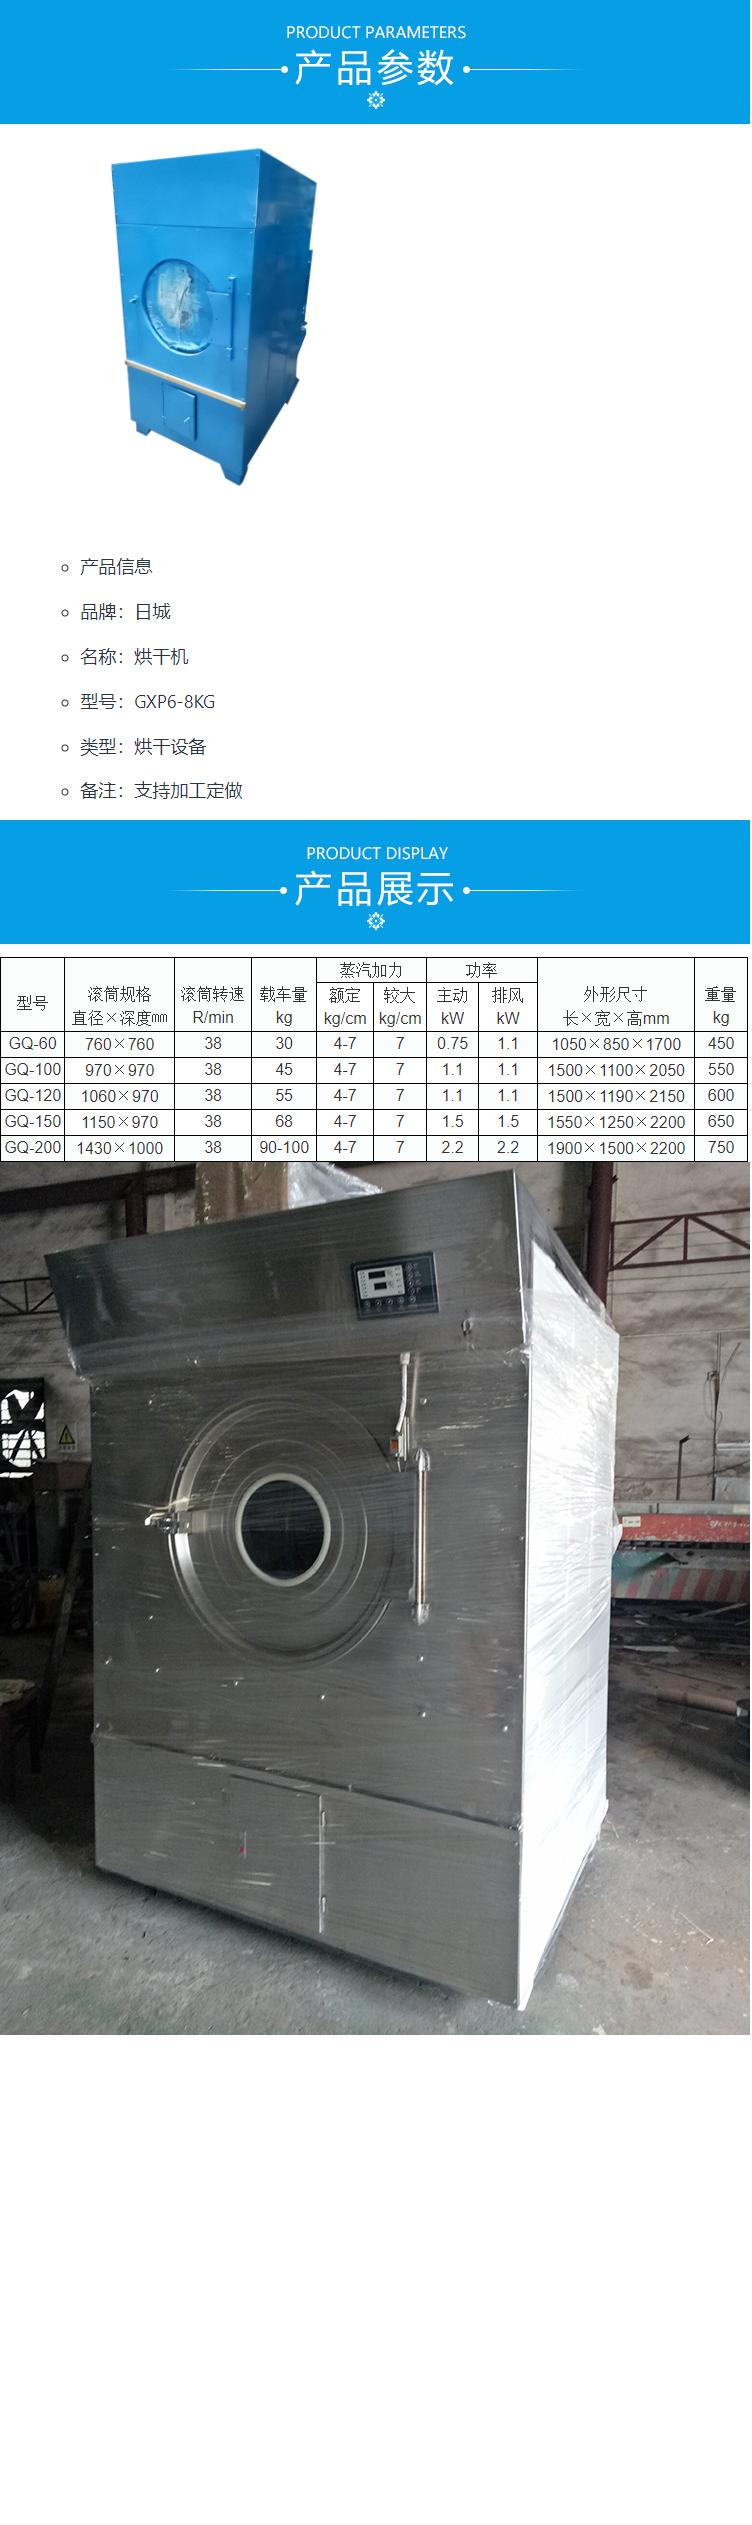 供应多功能多用途GXP6-8KG干洗机整熨洗涤设备全自动全封闭干洗机